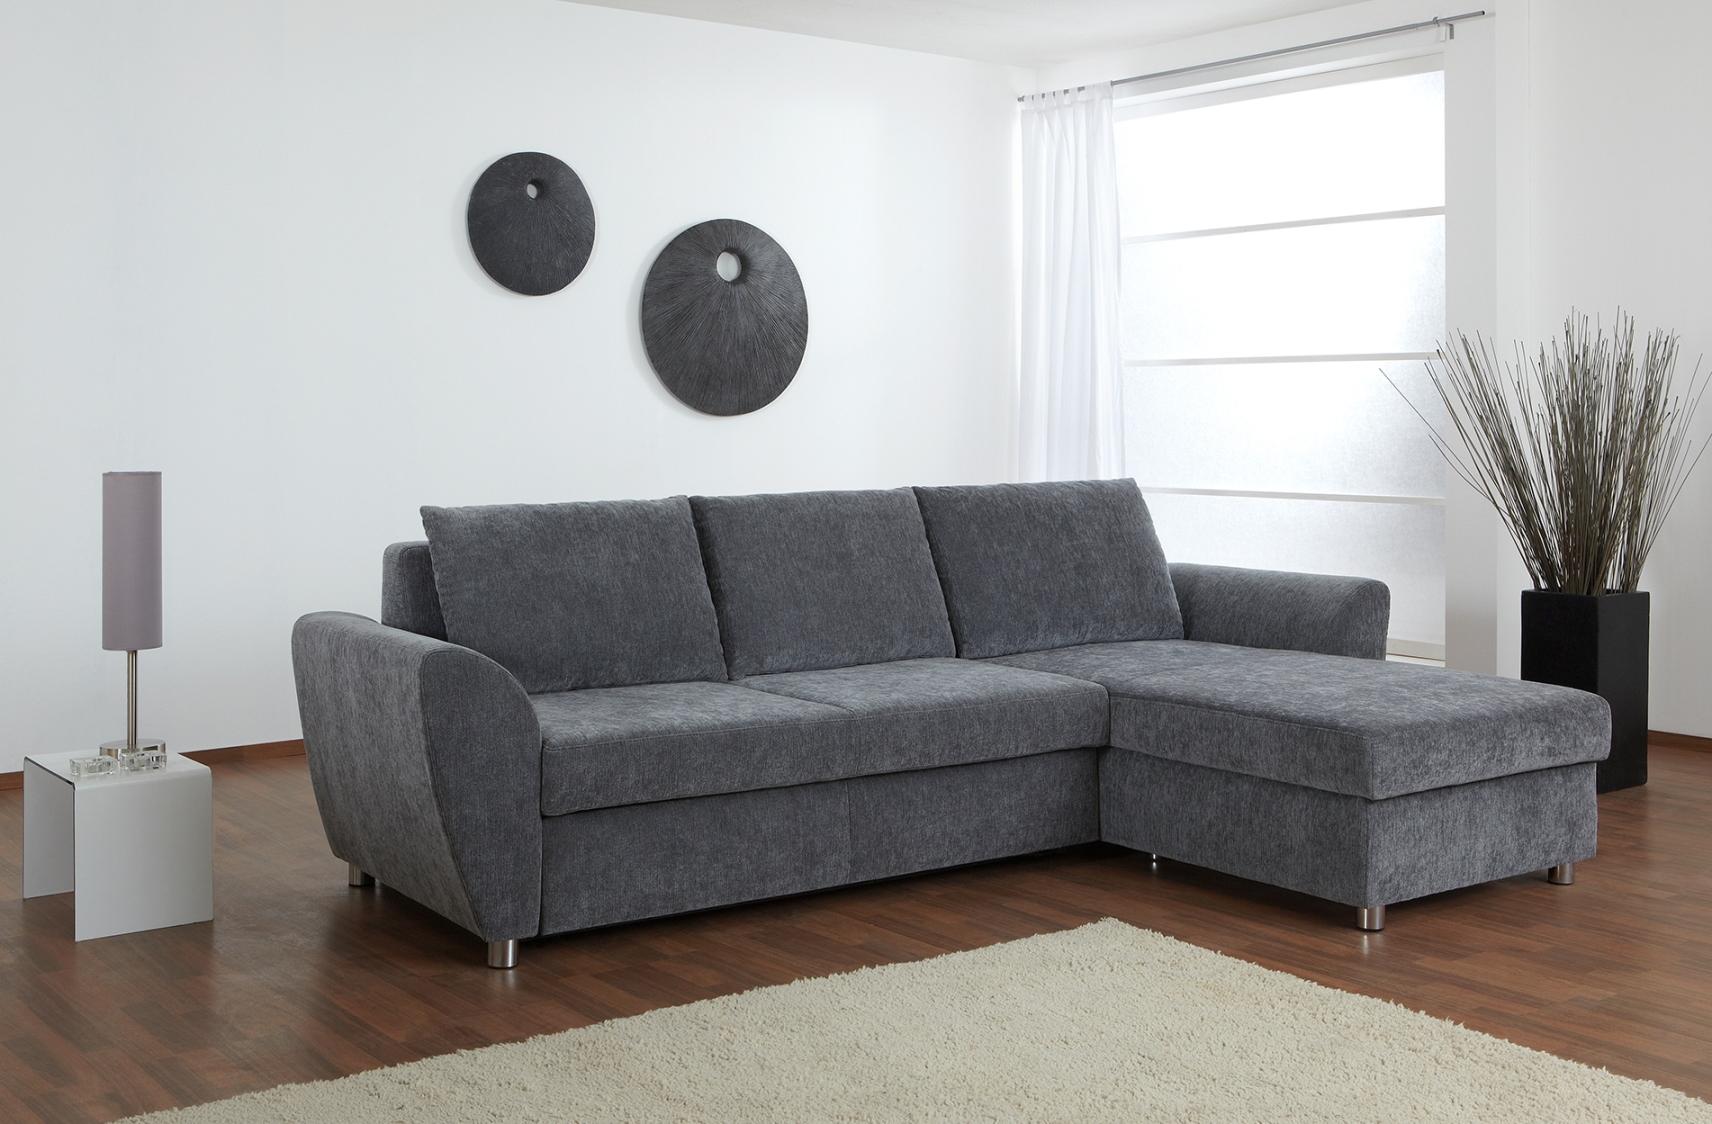 Loveseat Queen Sleeper Sofa